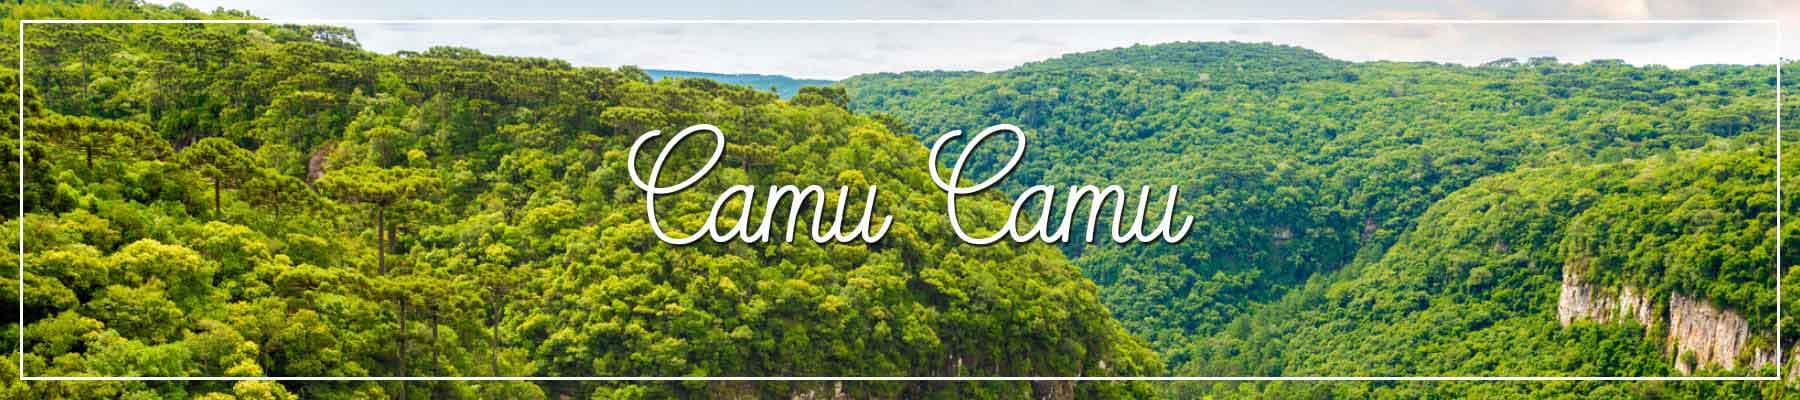 Camu Camu - Tal Peru